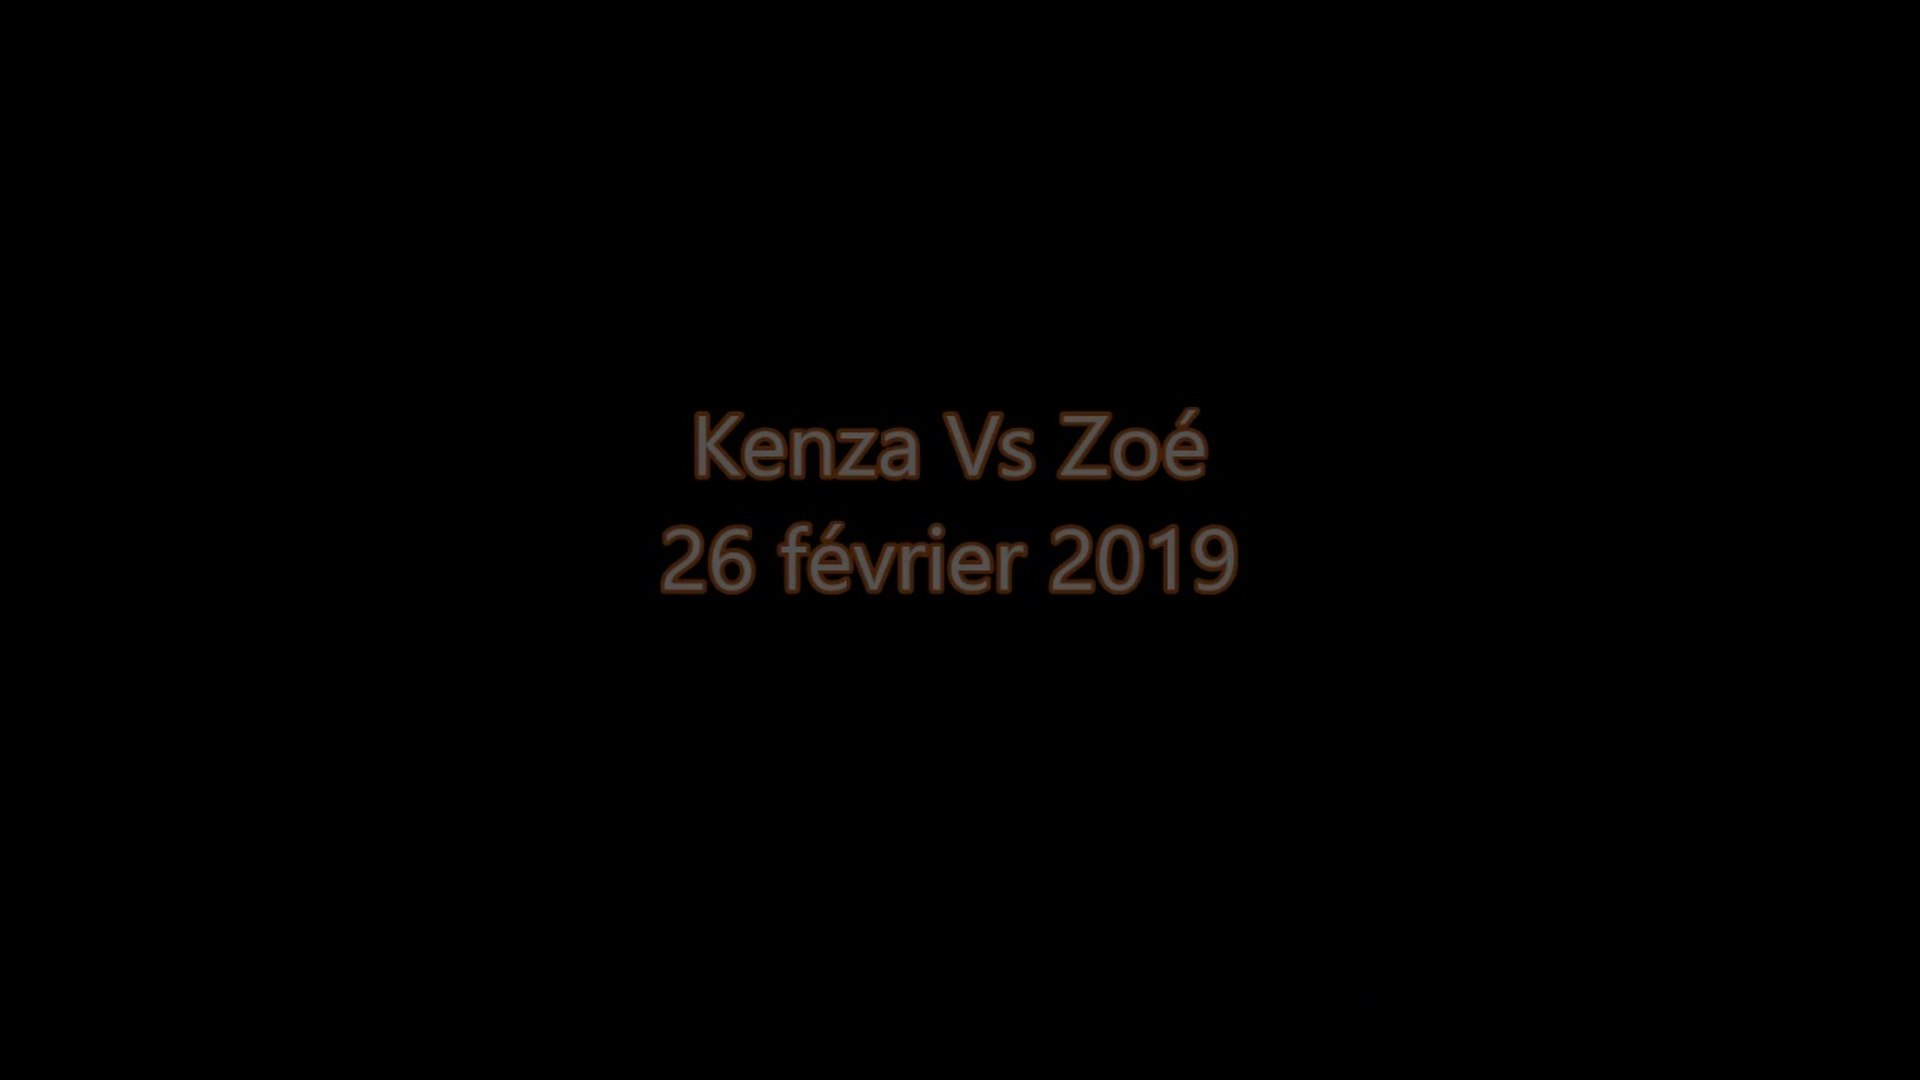 kenza vs zoe 26 fevrier 2019